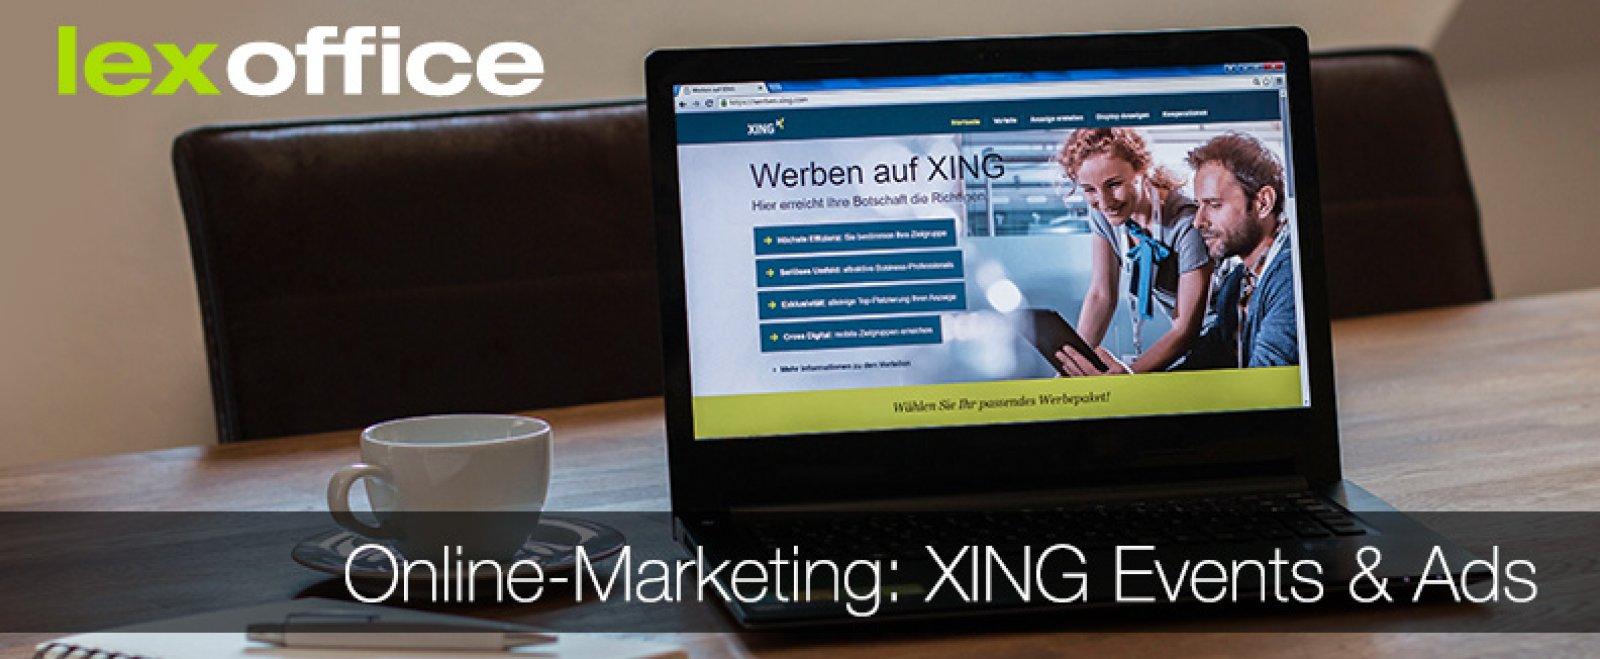 Online-Marketing für Einsteiger: Werbung auf XING (1)